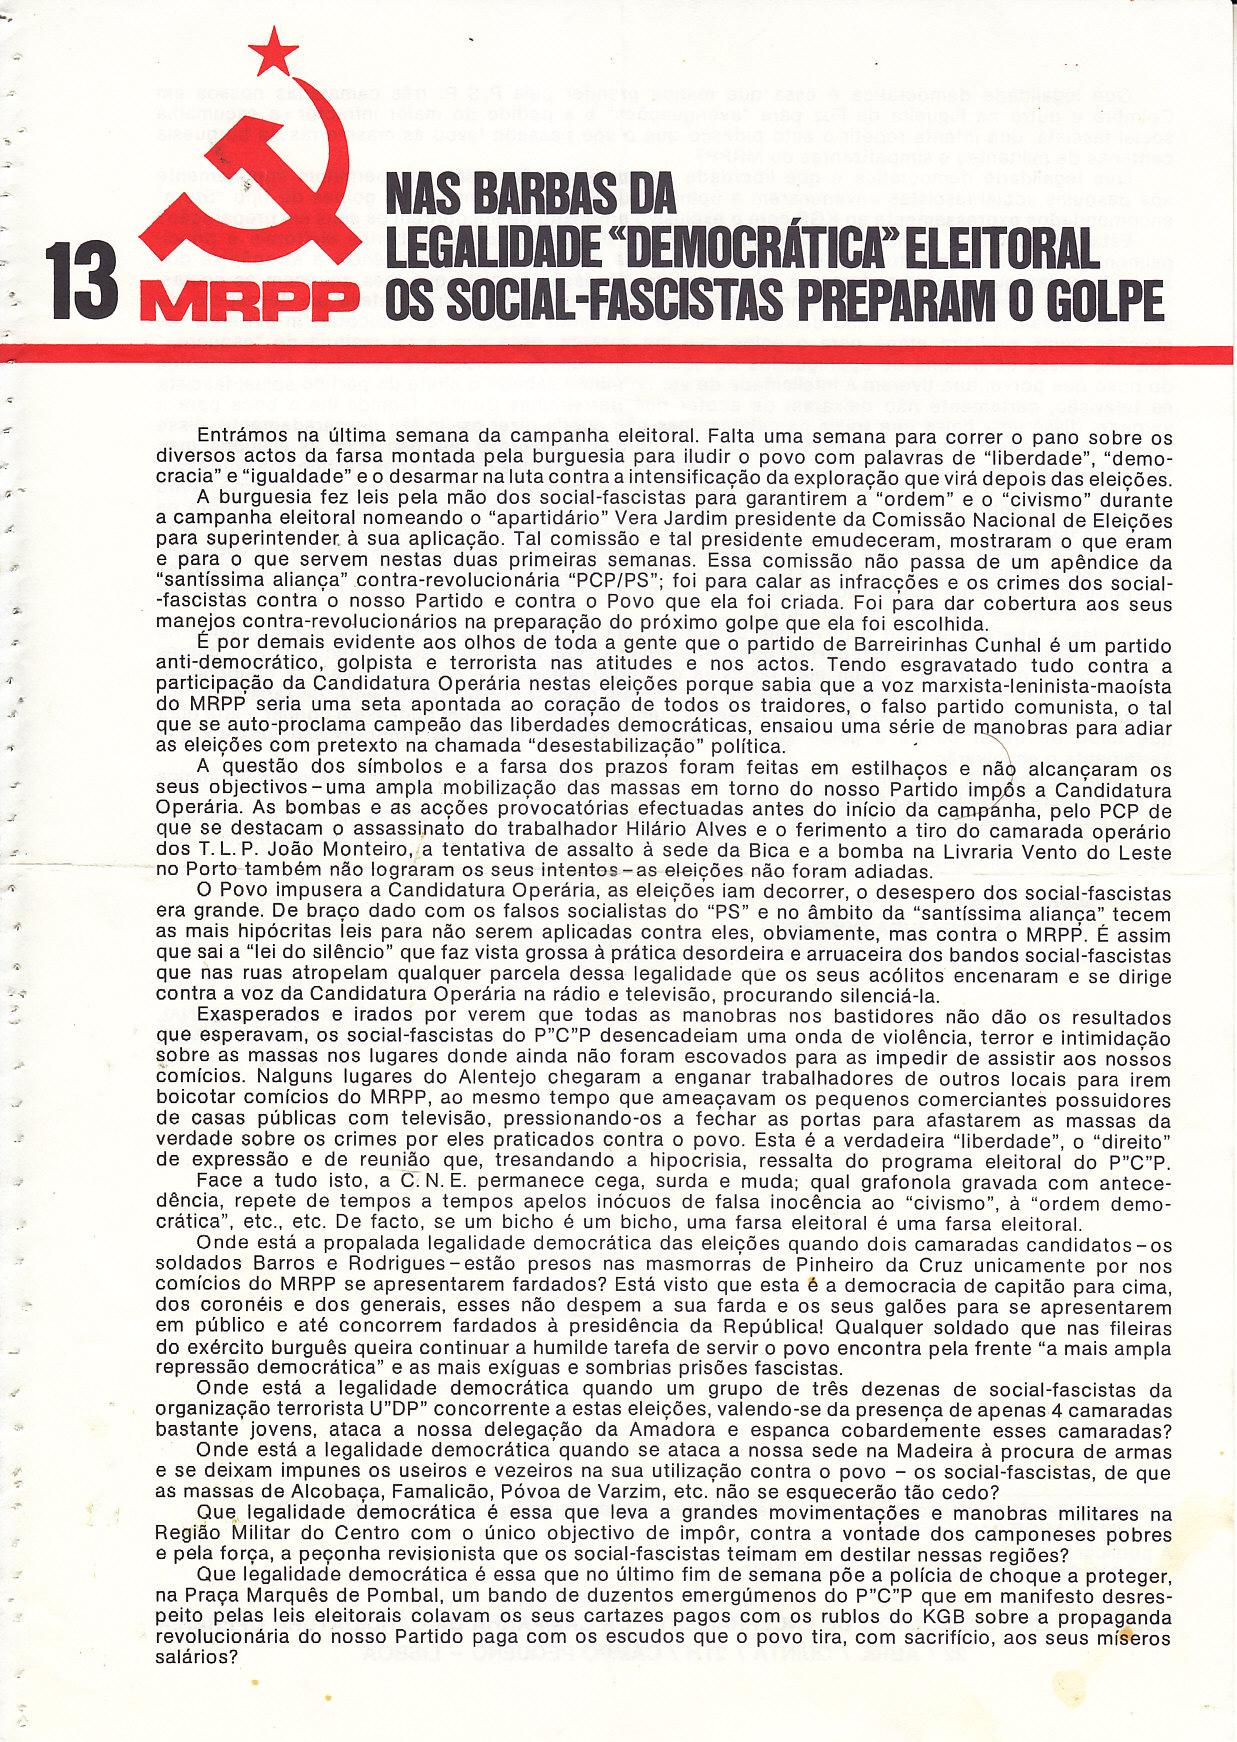 MRPP_SN13_0001